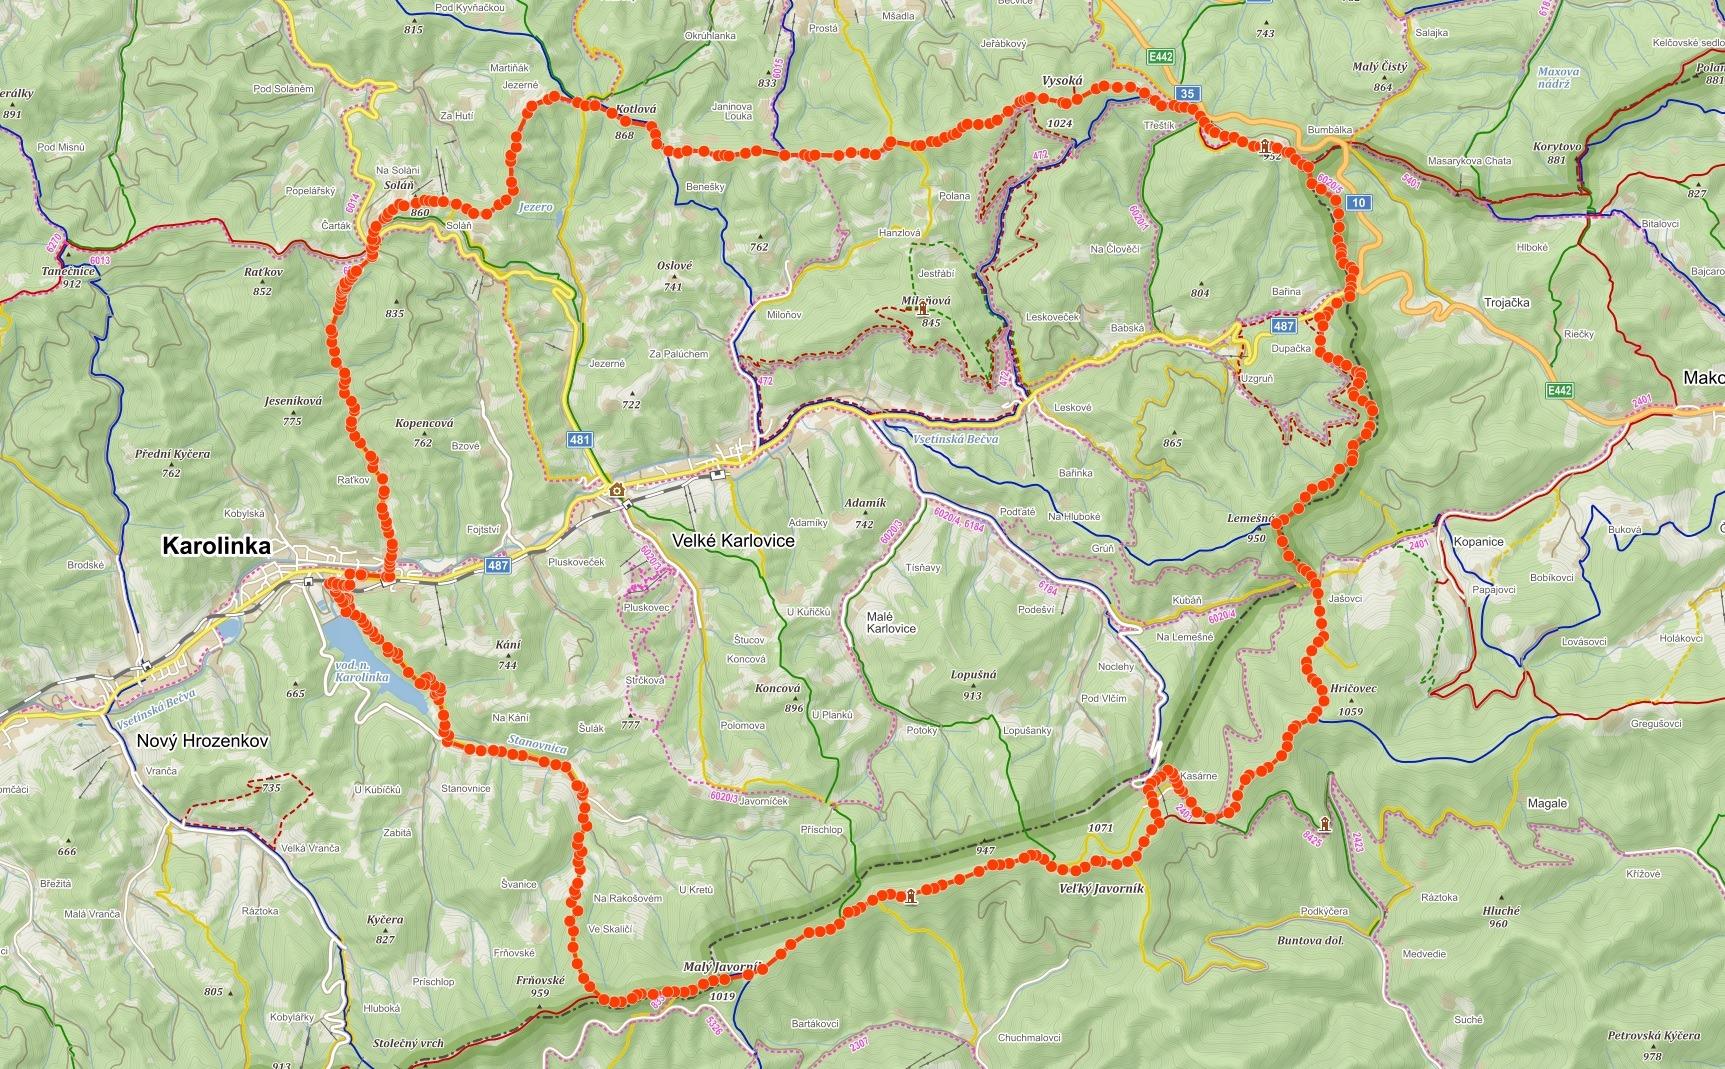 Trasa z Karolinky po hřebeni Vsetínských vrchů a Javorníků